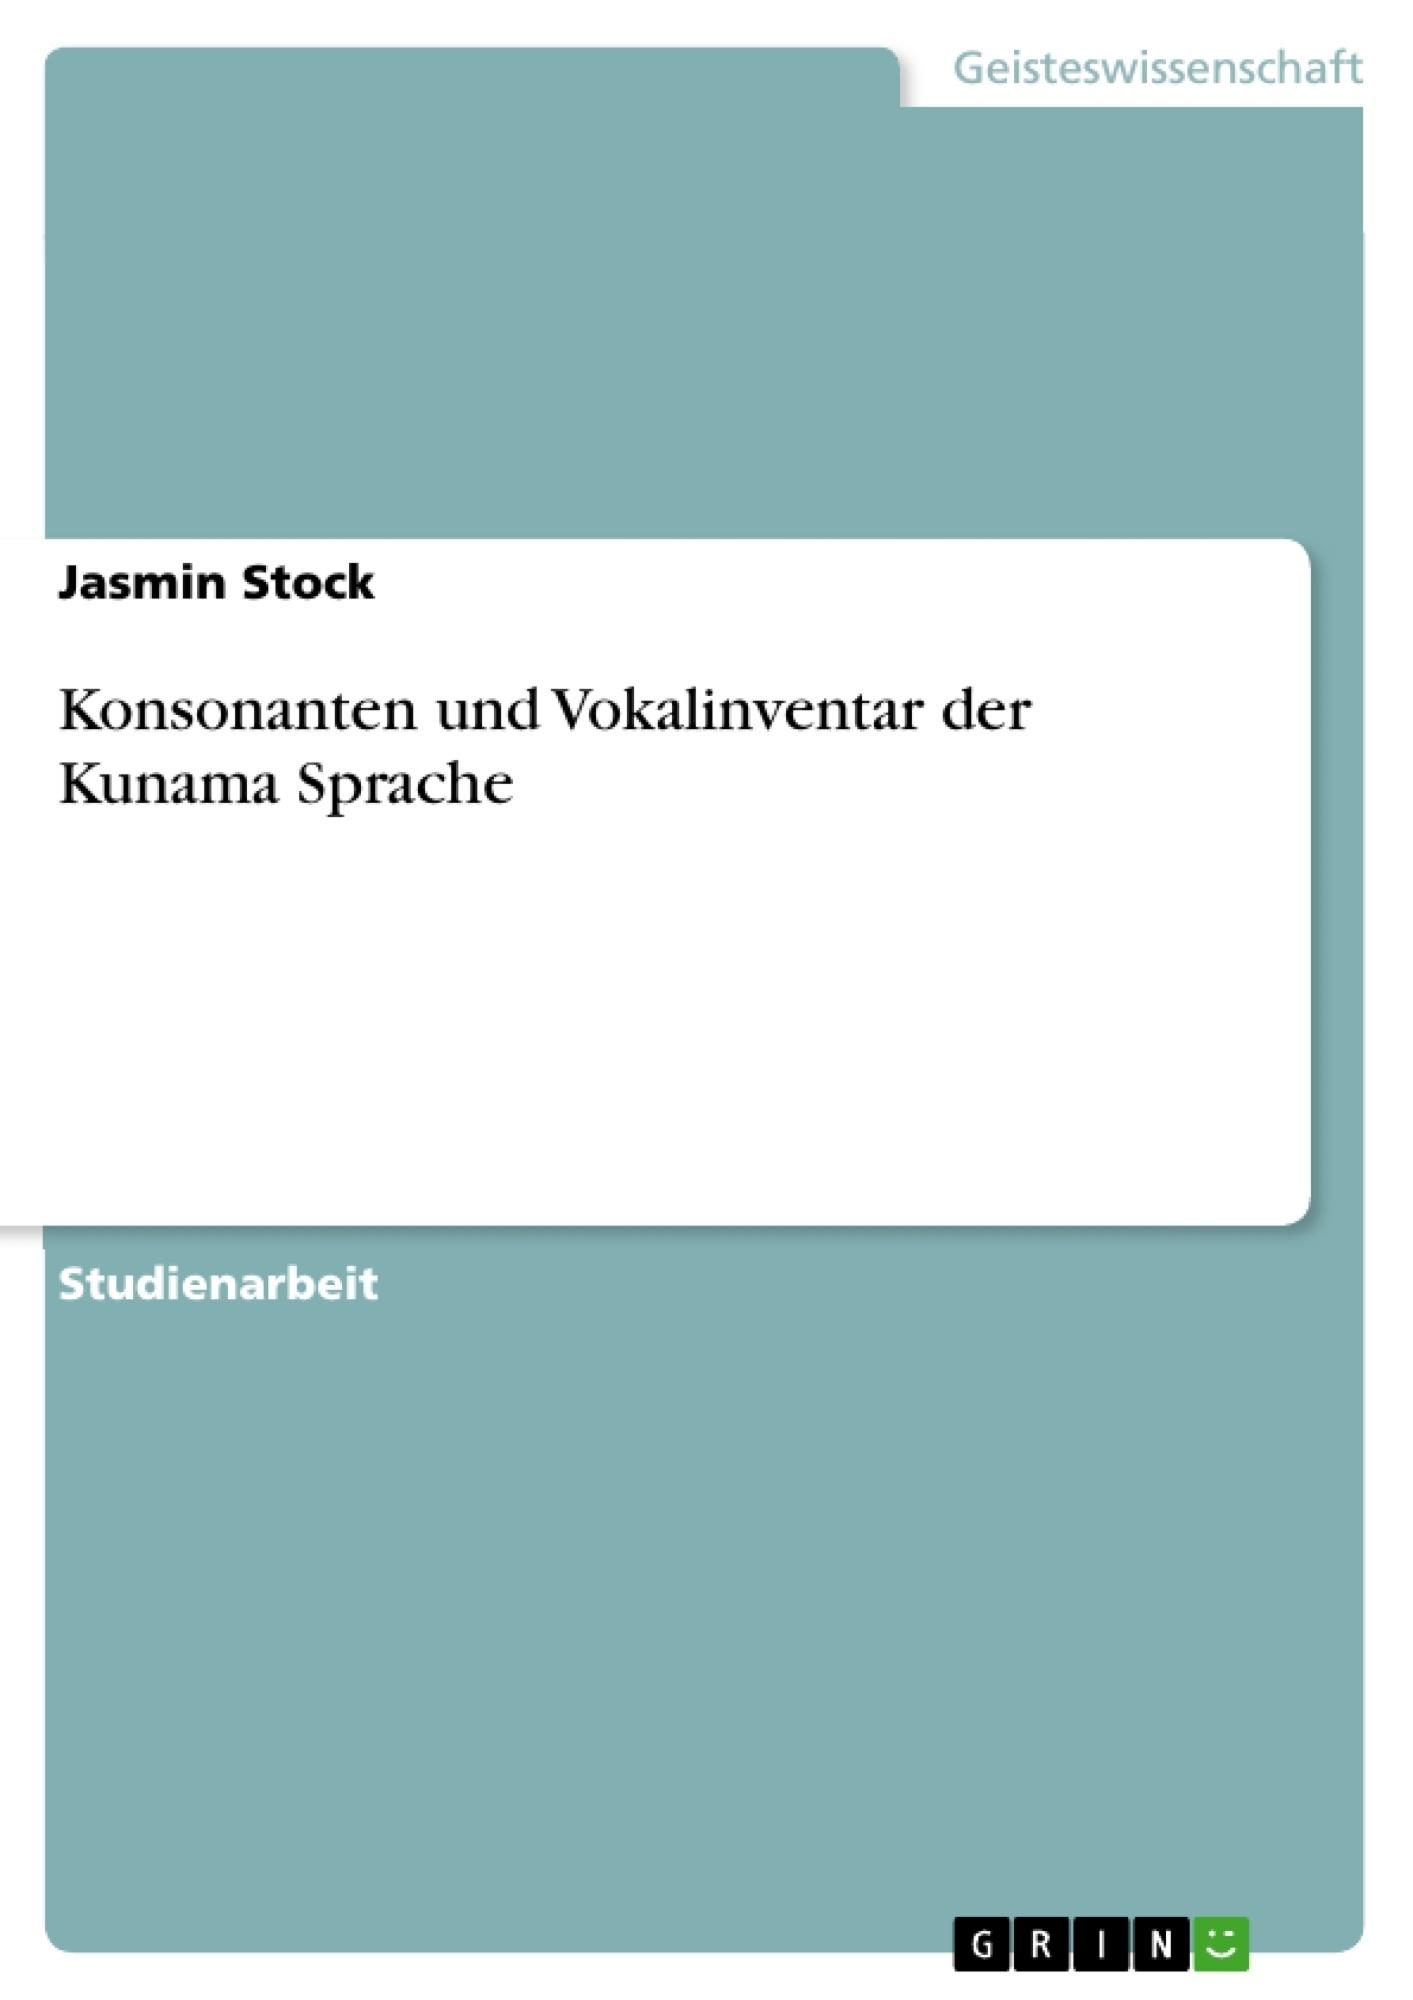 Titel: Konsonanten und Vokalinventar der Kunama Sprache